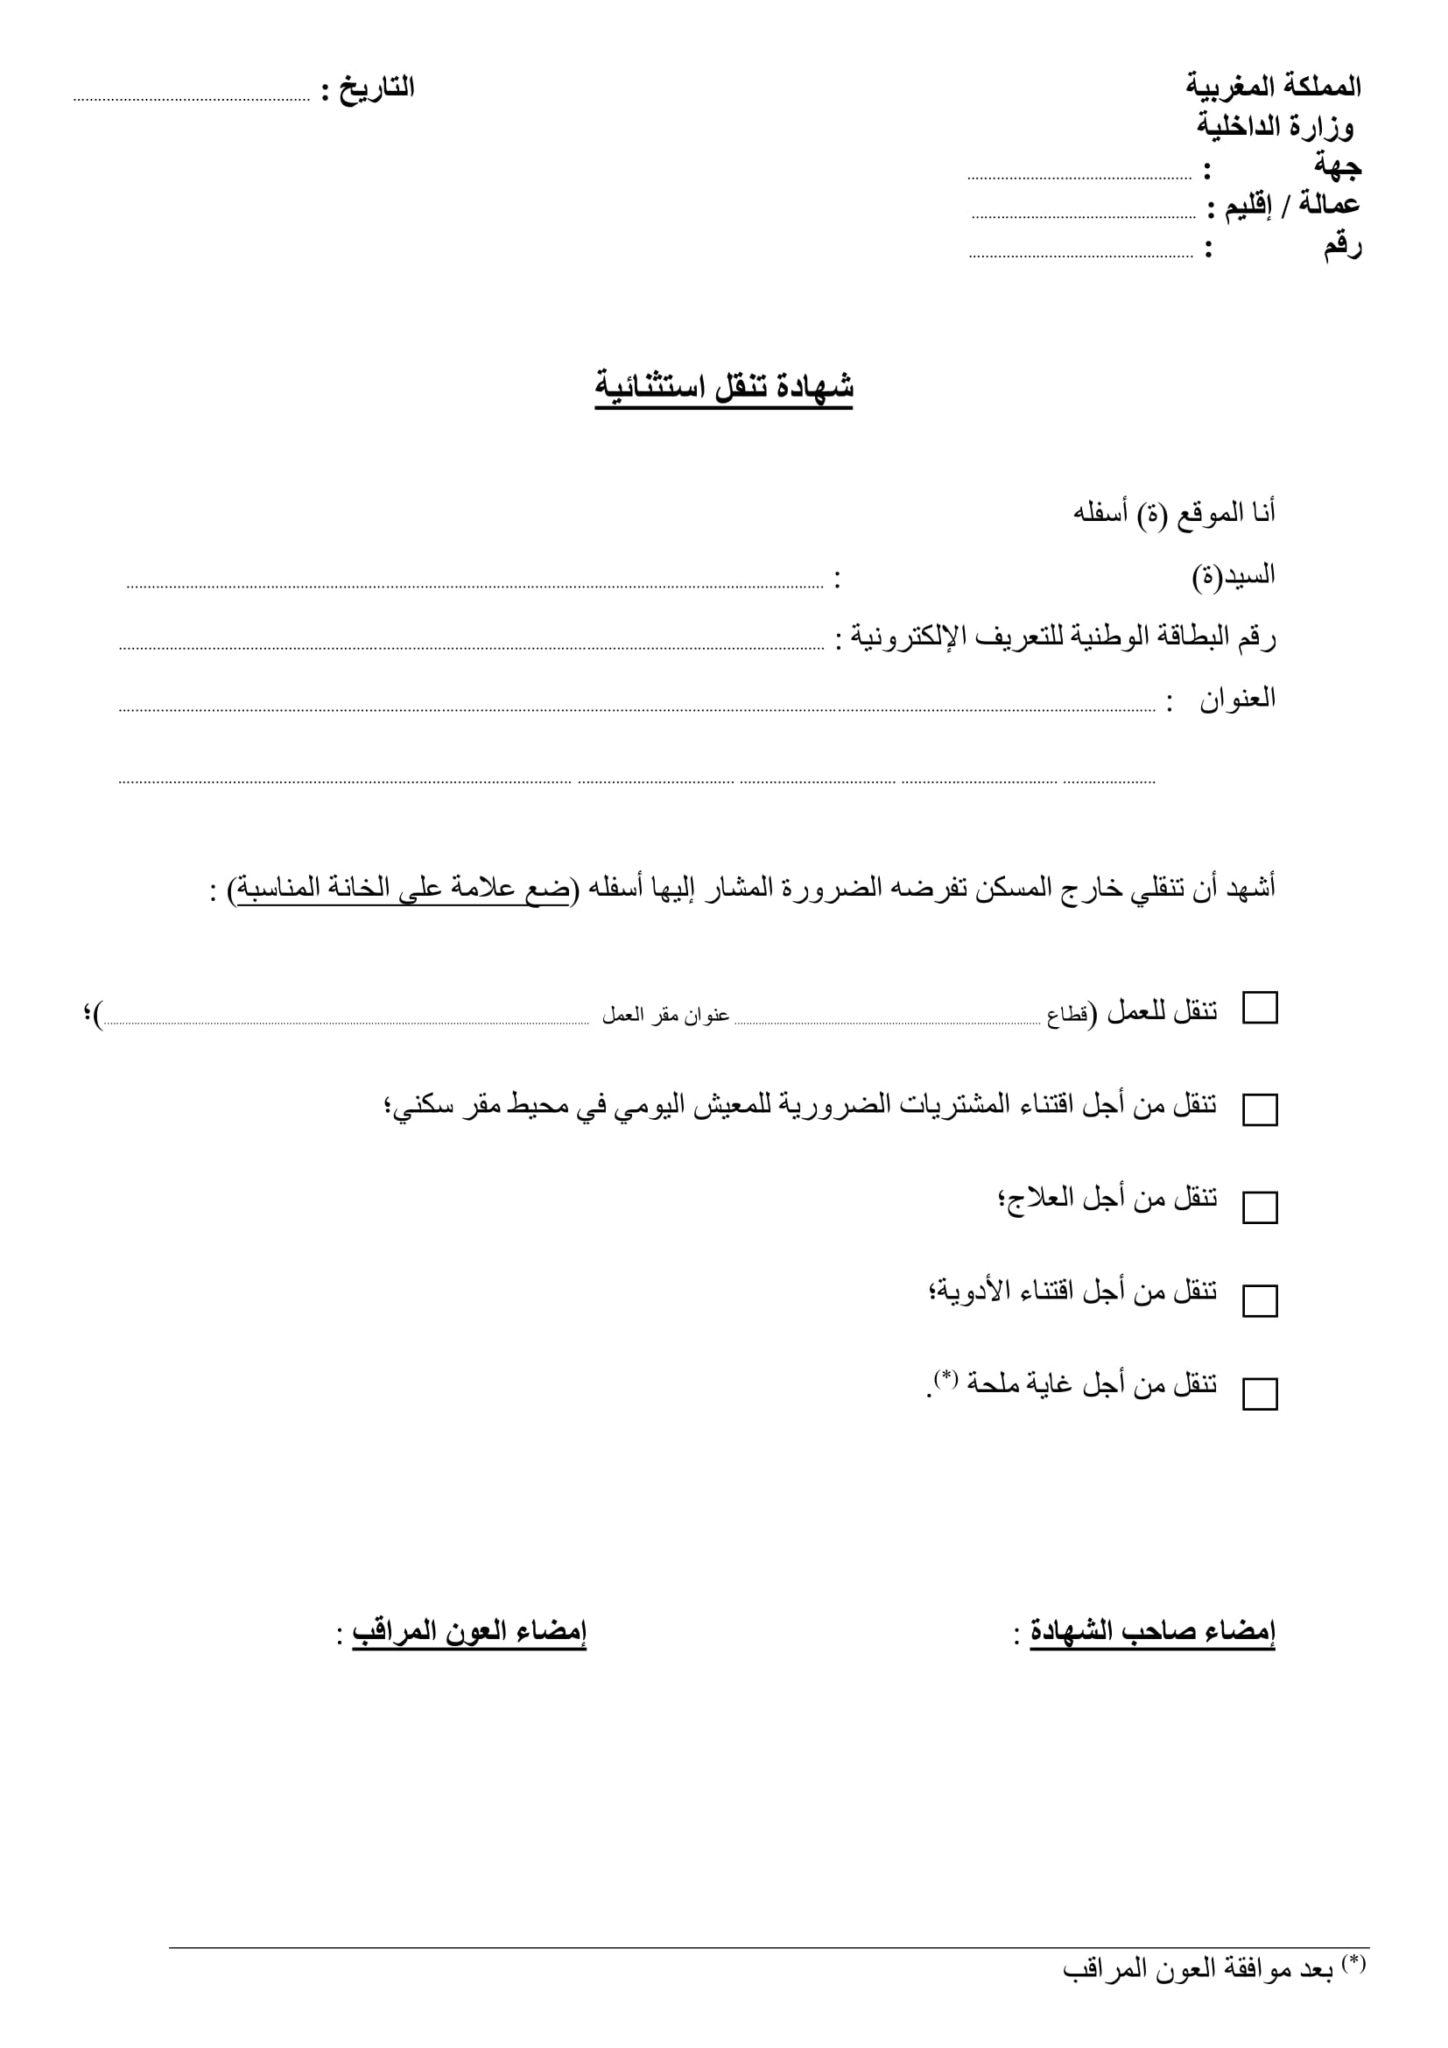 شهادة التنقل الاستثنائية covid 19